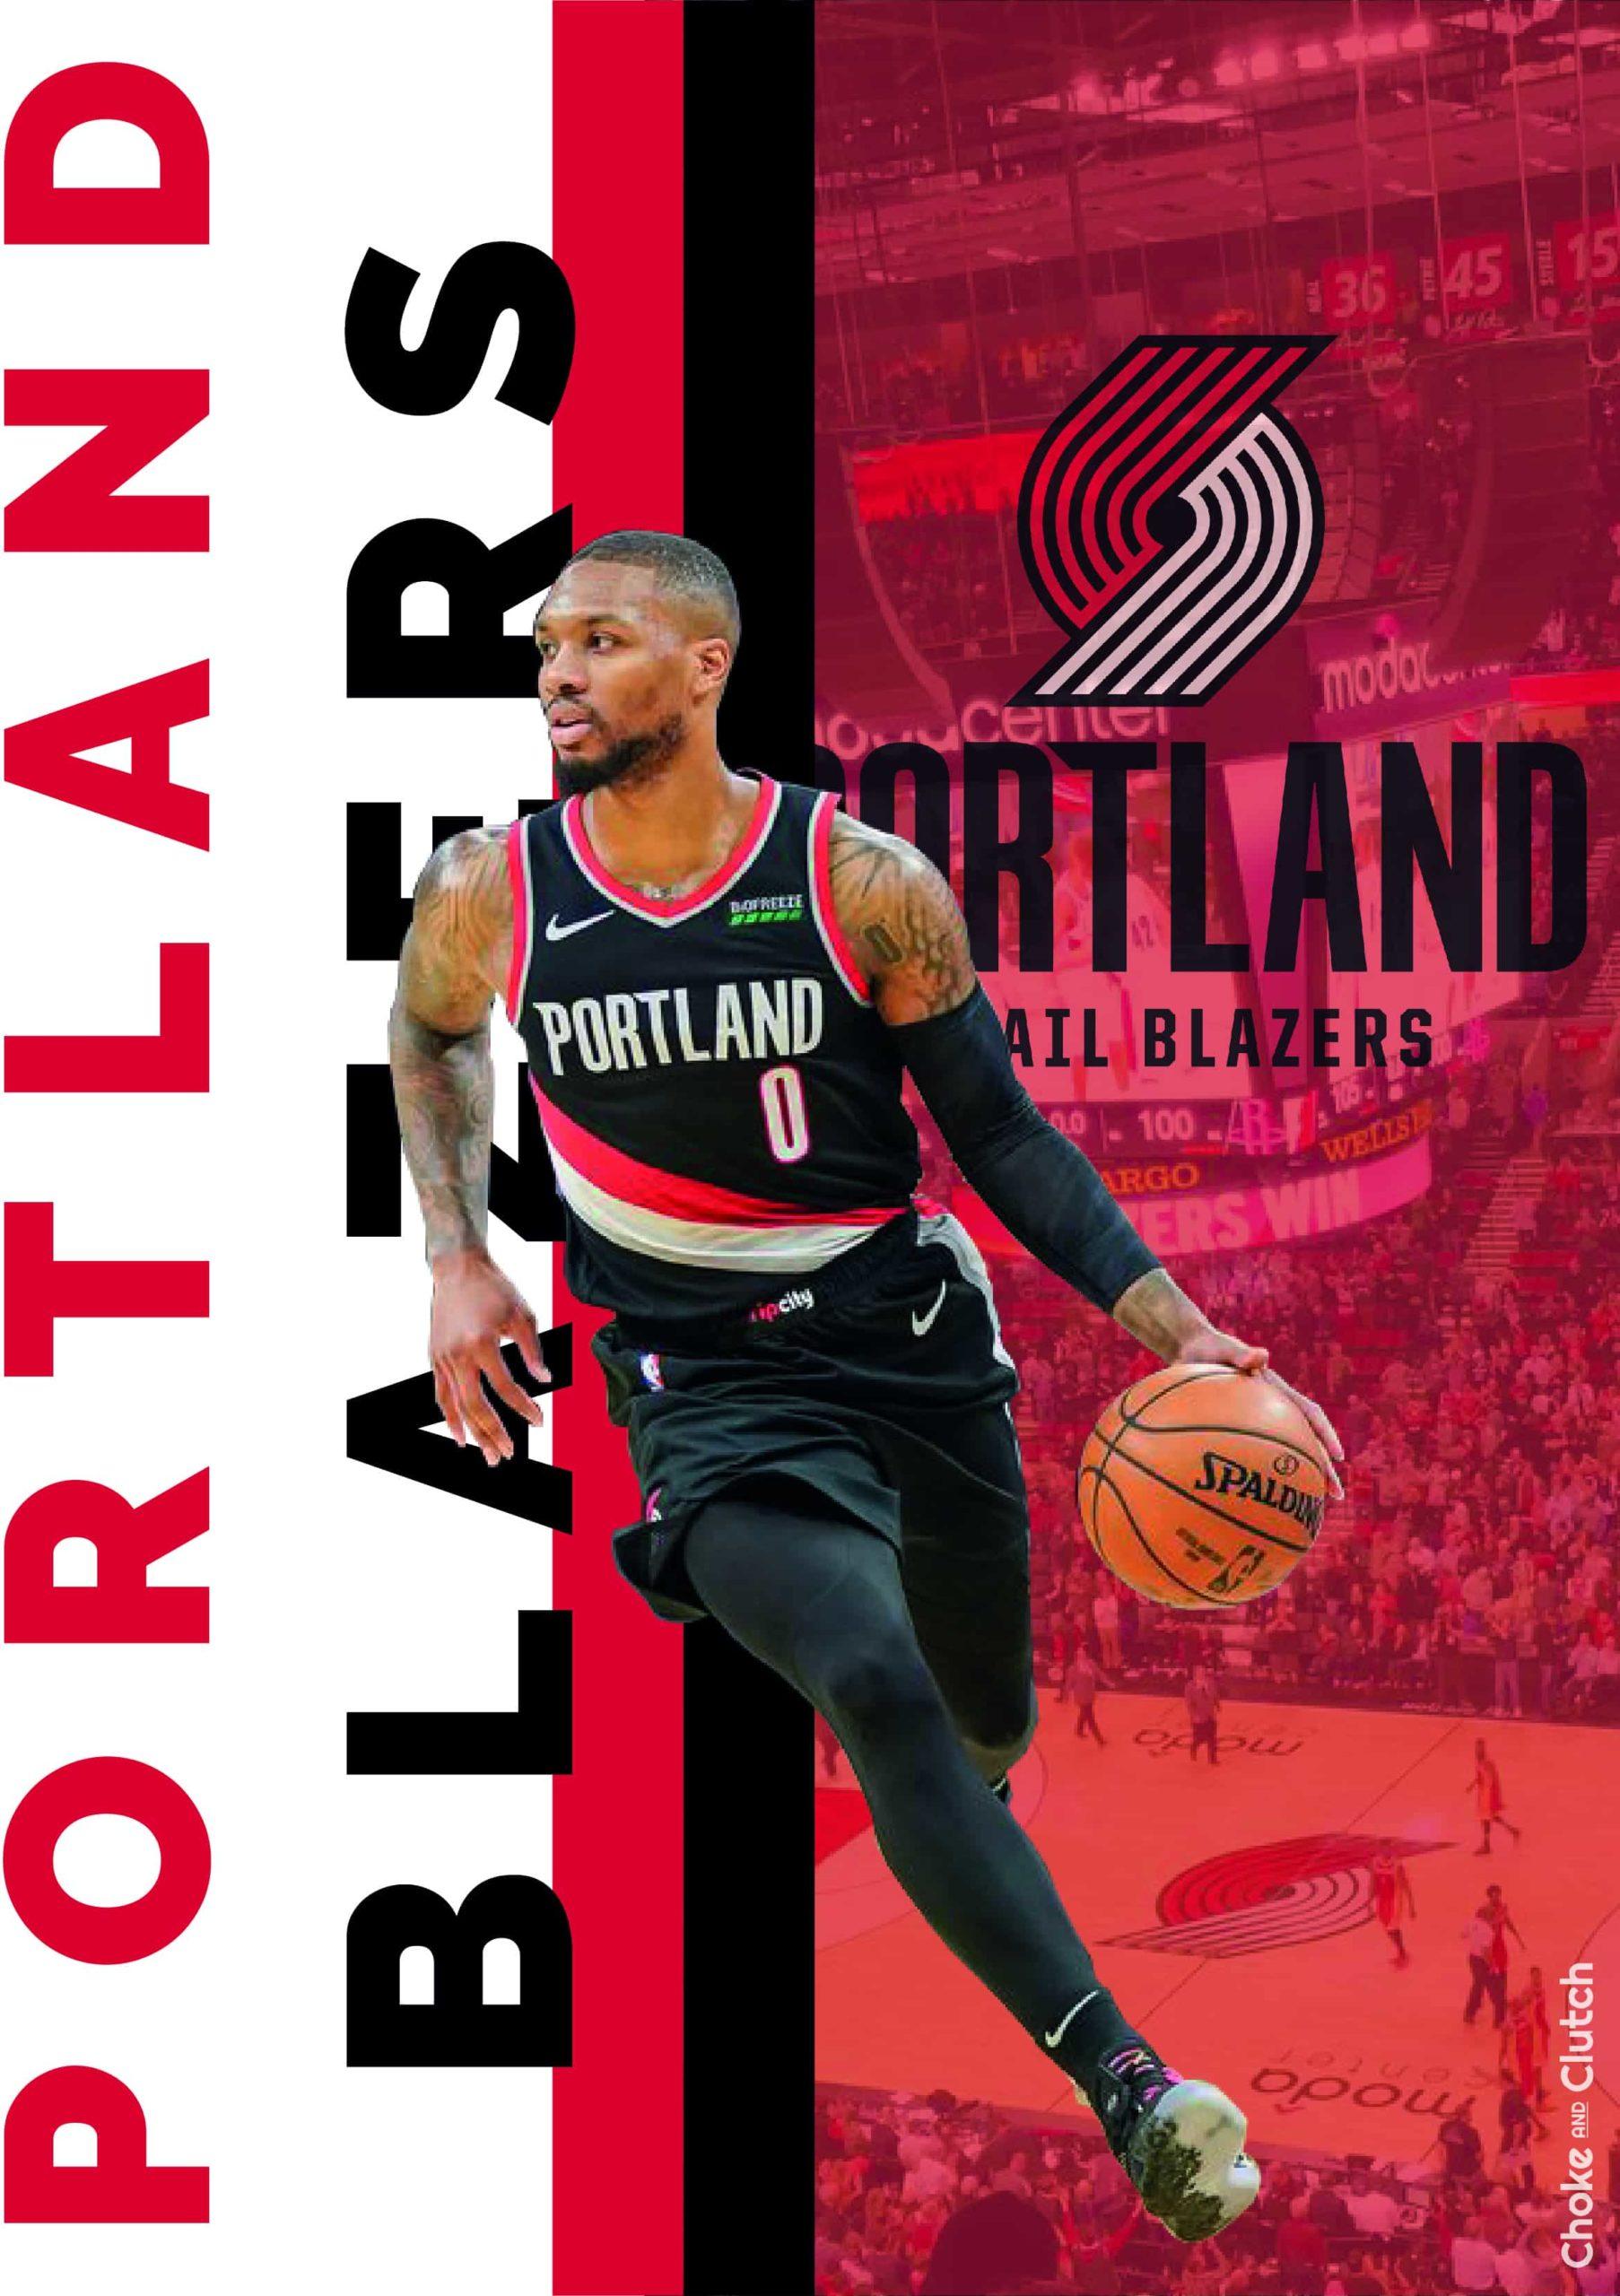 Histoire de la franchise NBA des Trail Blazers de Portland